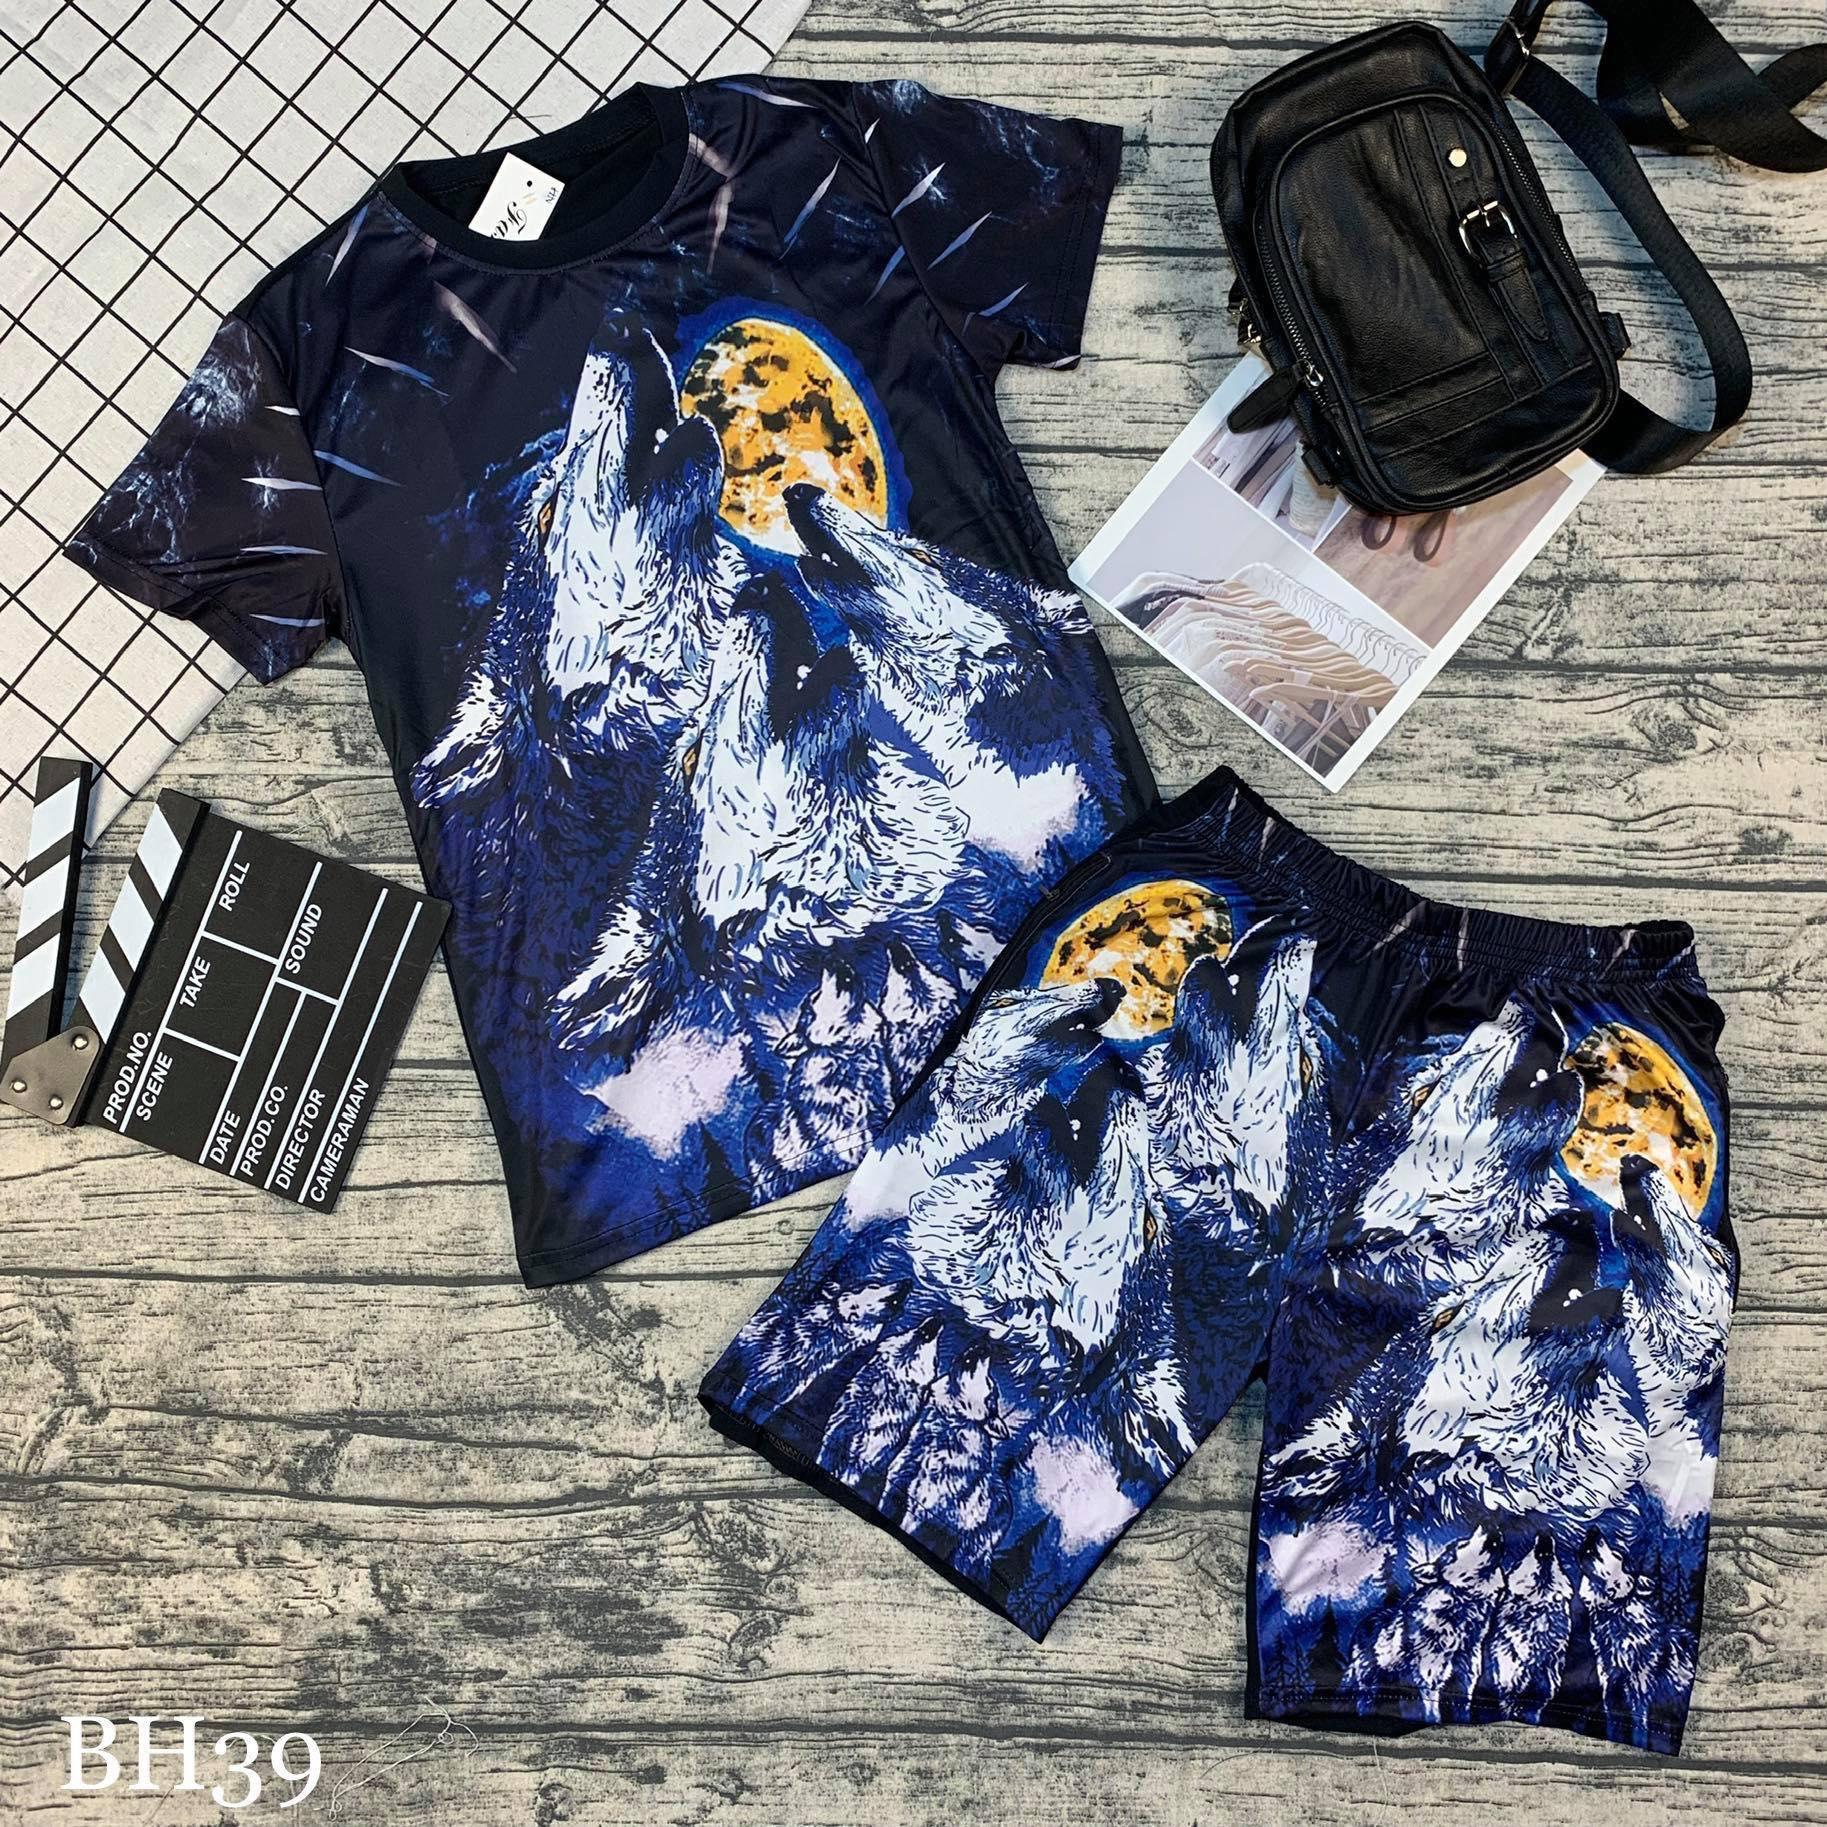 Bộ quần áo mùa hè nam 3D Cao Cấp - Quần áo thể thao nam sói trắng Chất Thun Lạnh Size M L Xl 45-80kg